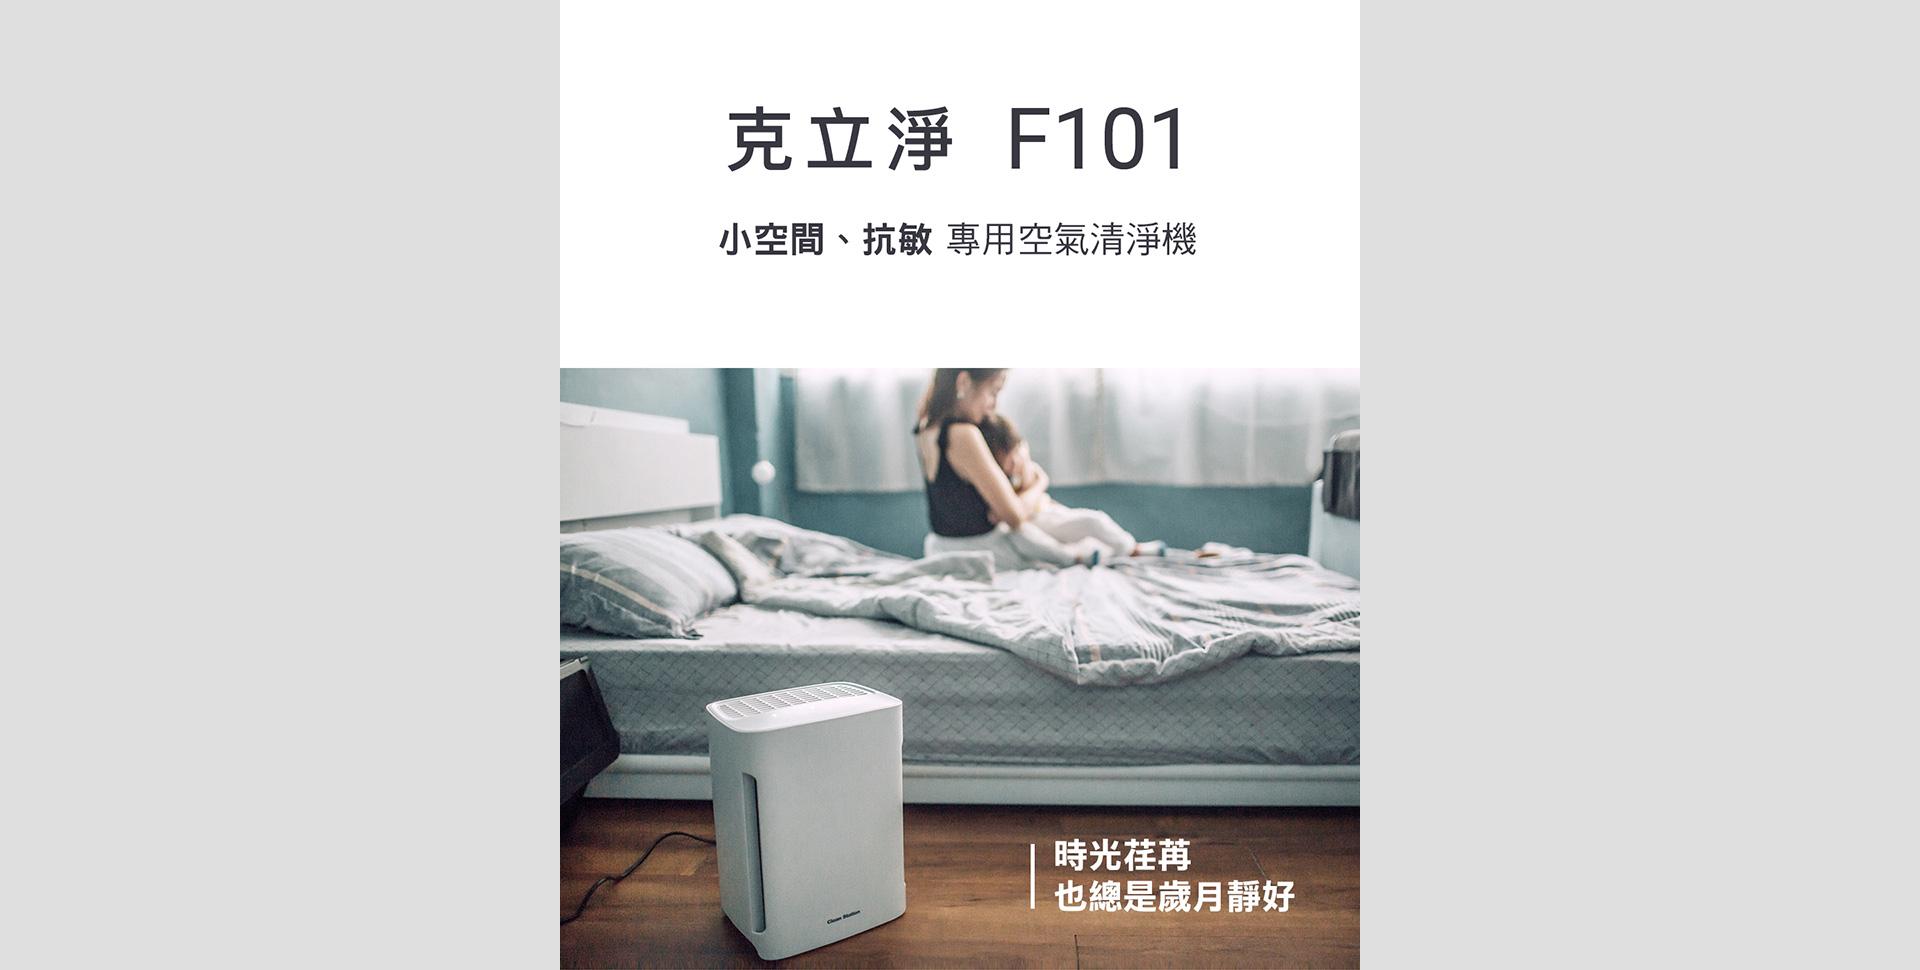 f101_14周年慶-Mobile版_20191104_V4_pc_03